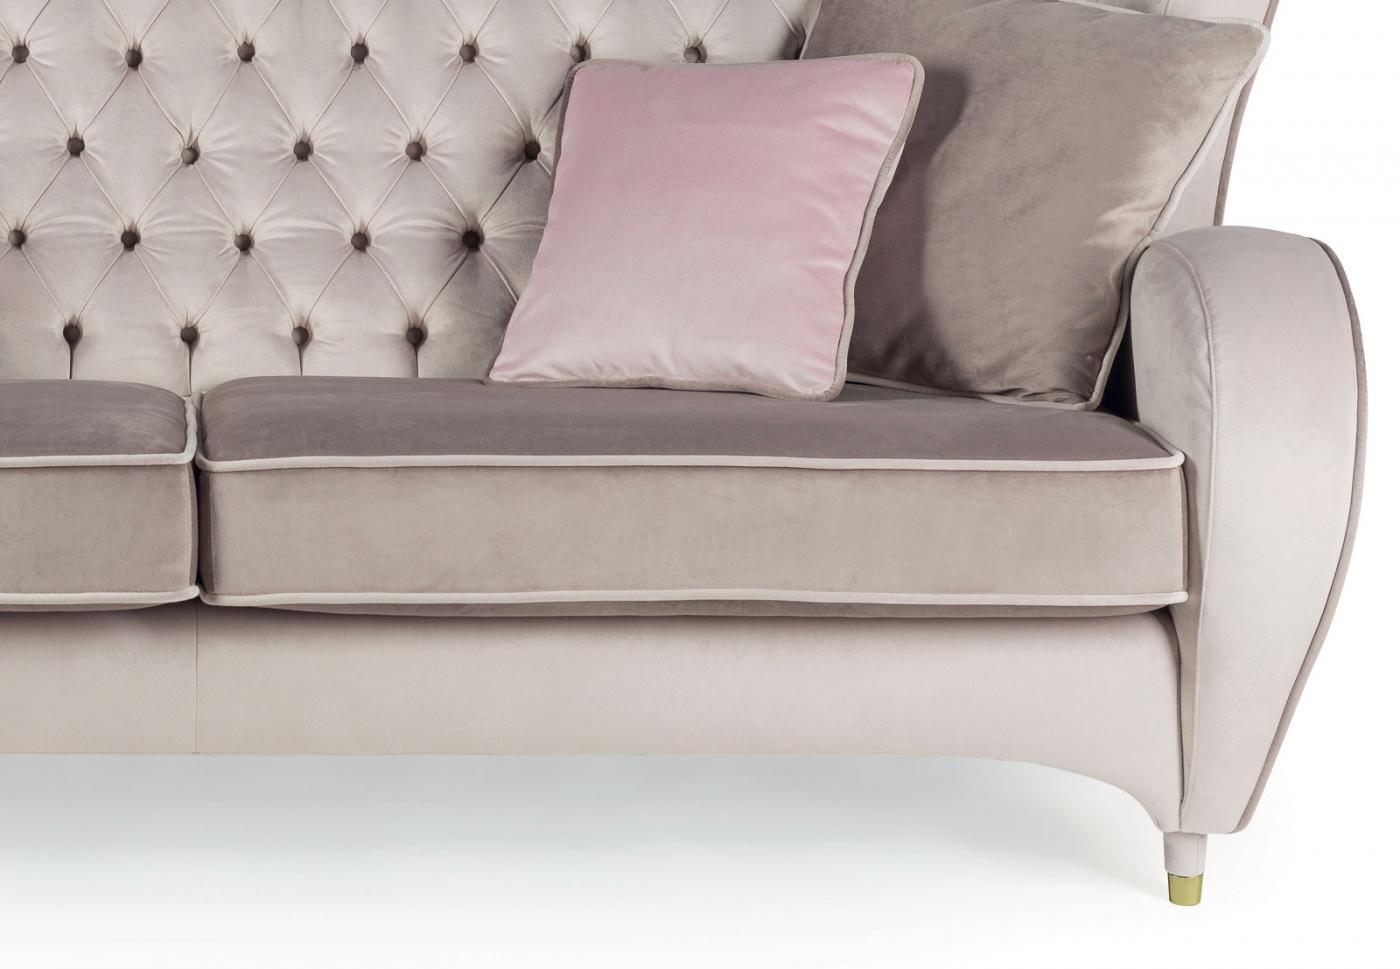 Divano Tessuto Antimacchia Opinioni rivestimenti per divani e poltrone: 3 pro e contro di